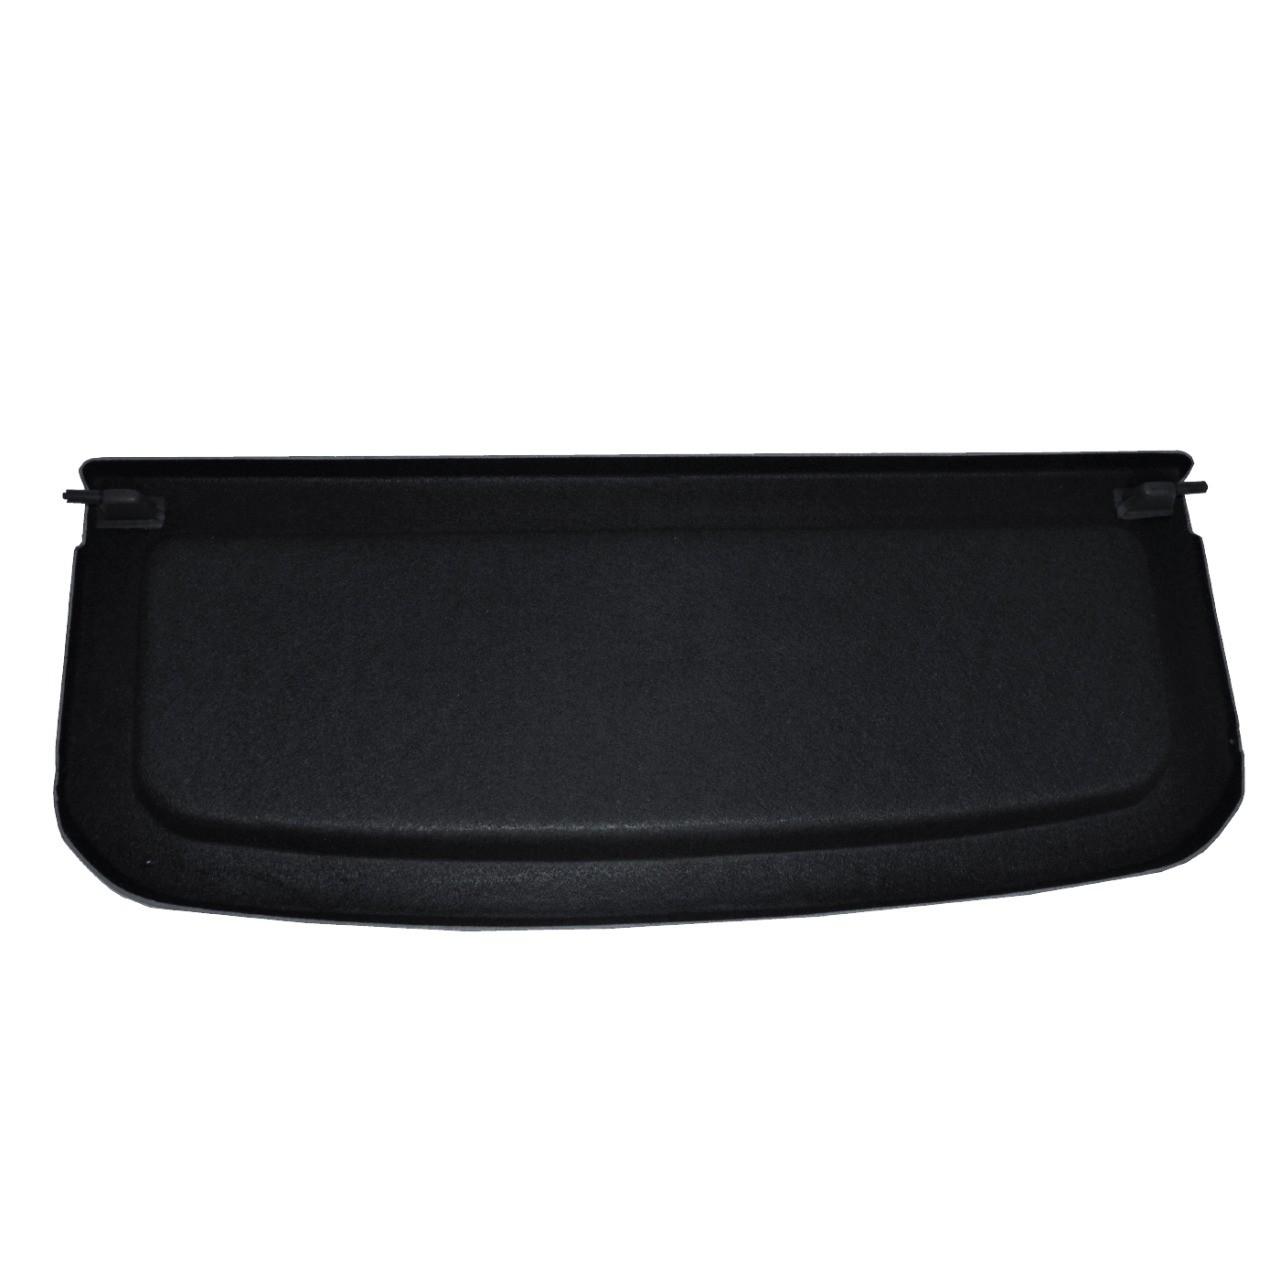 Tampão de Porta-Malas T-Cross em Plástico ABS c/ Carpete sem cordinhas Preto